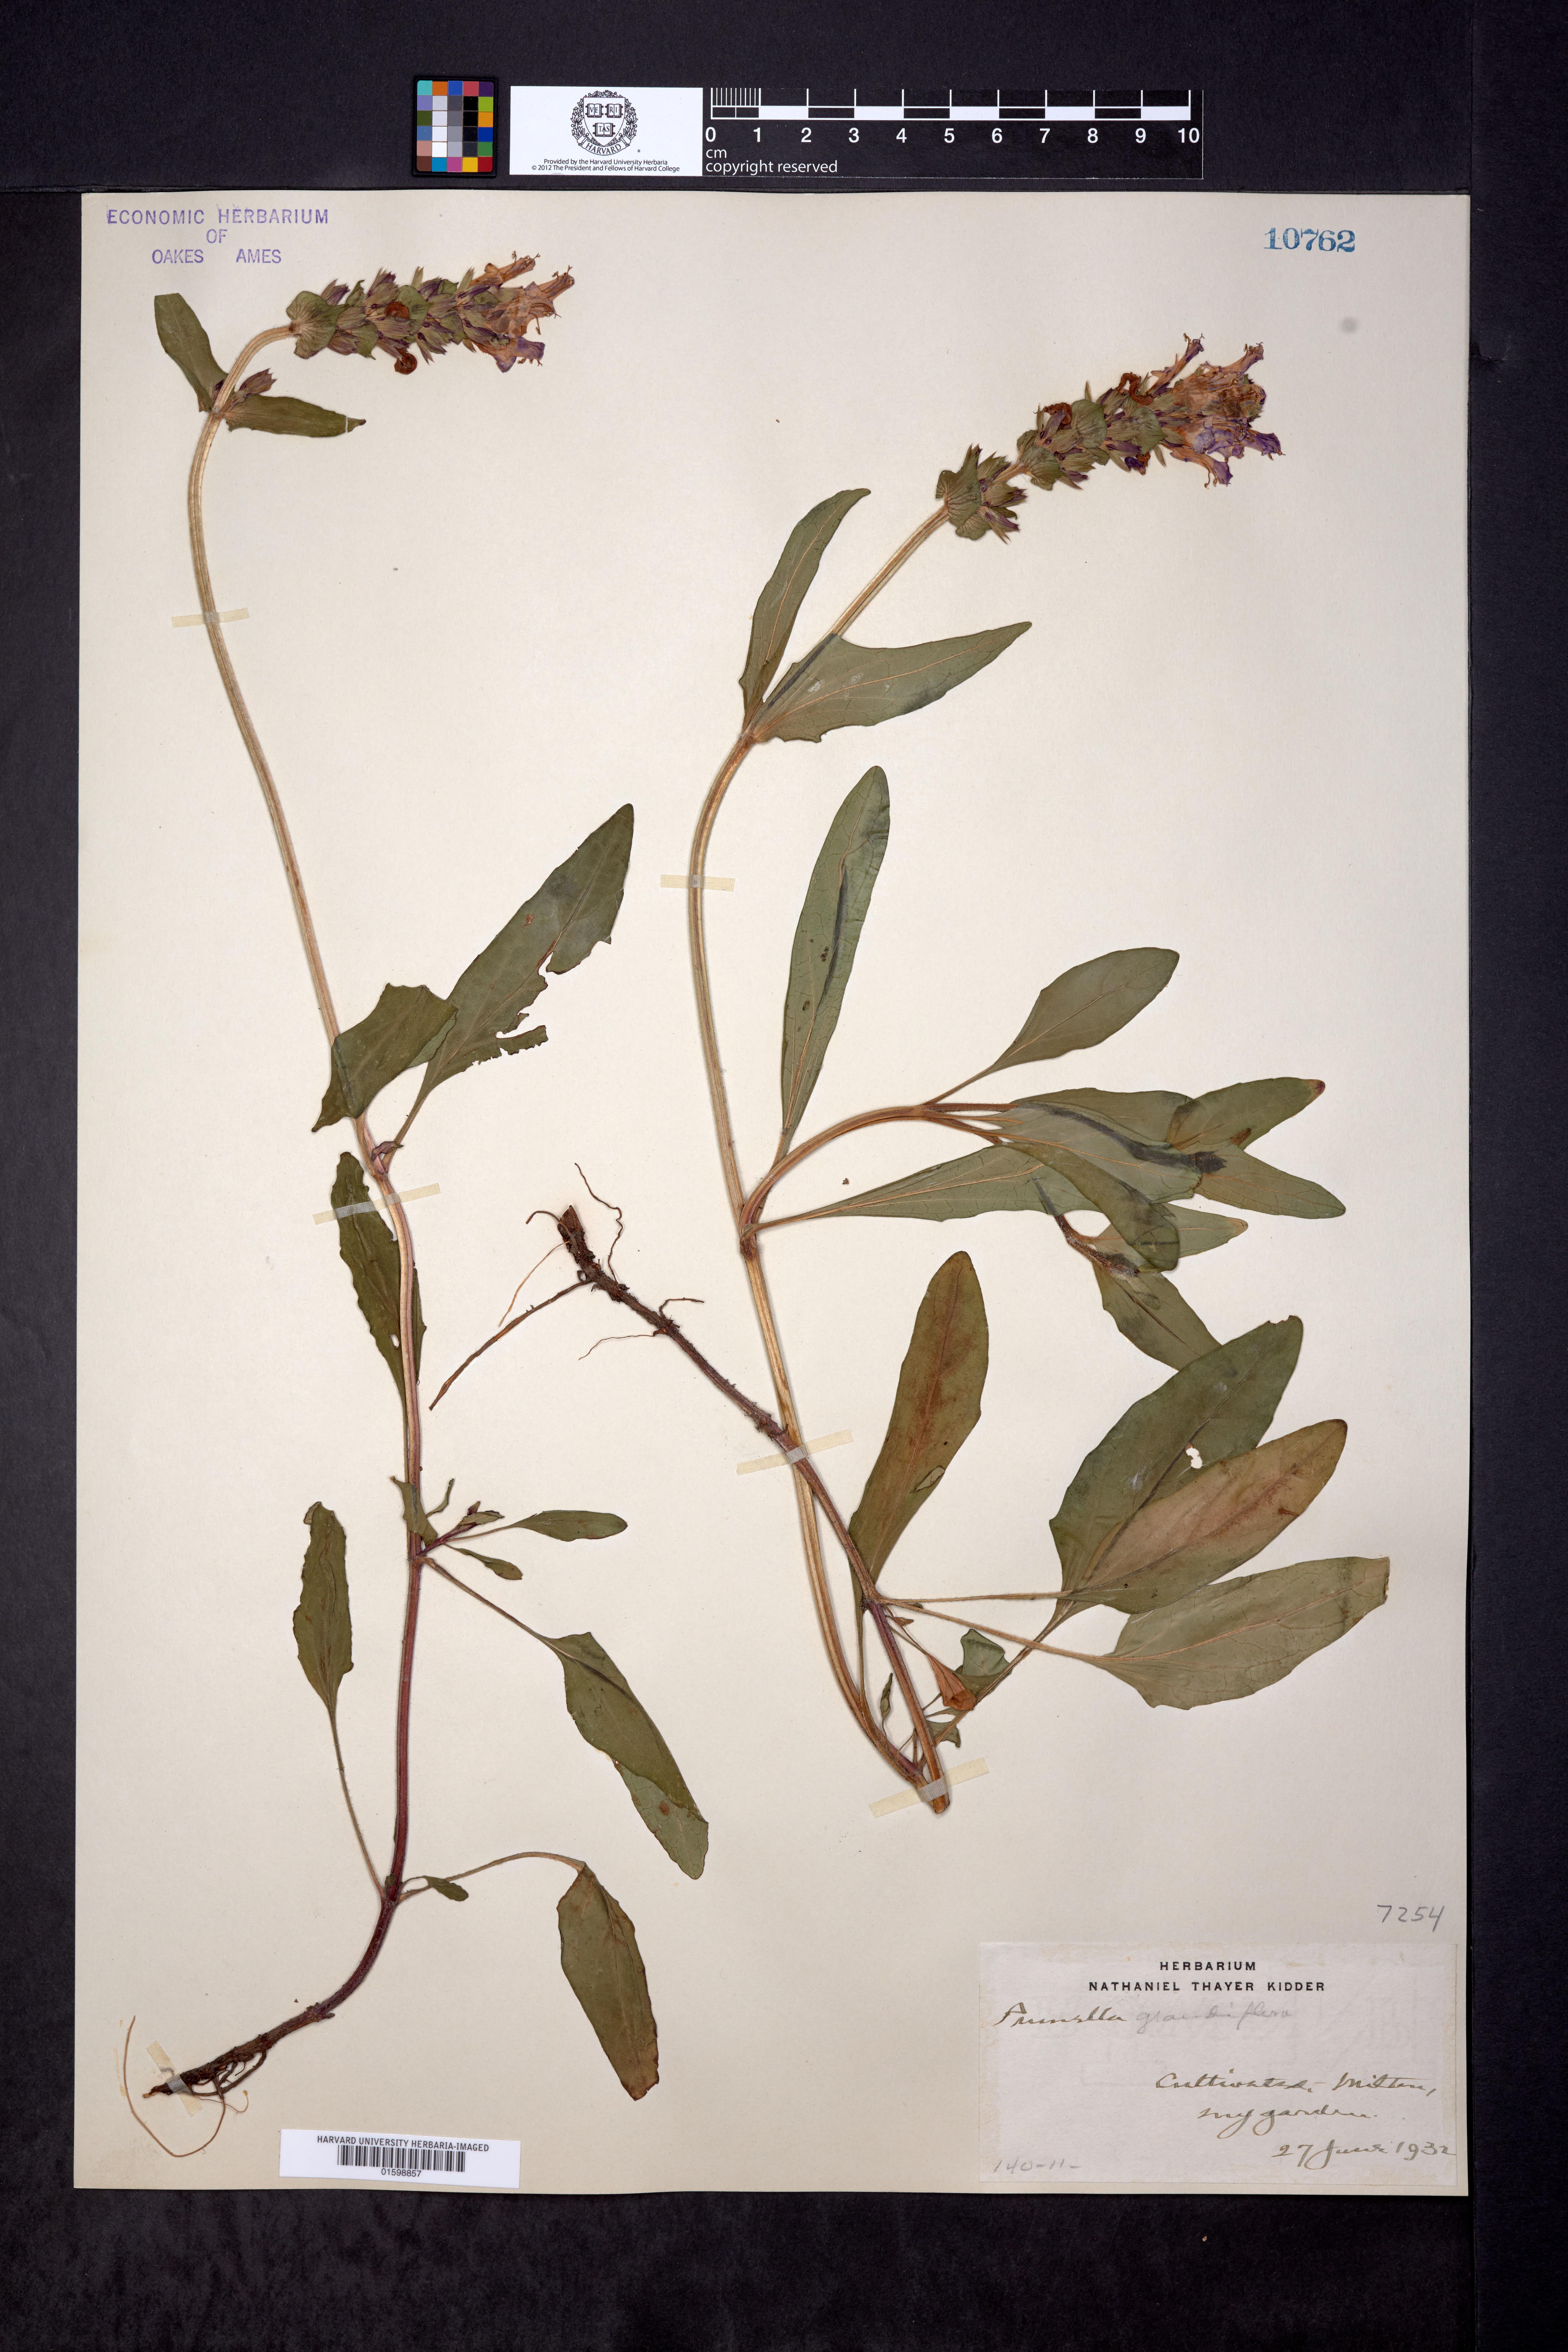 Image of Prunella grandiflora